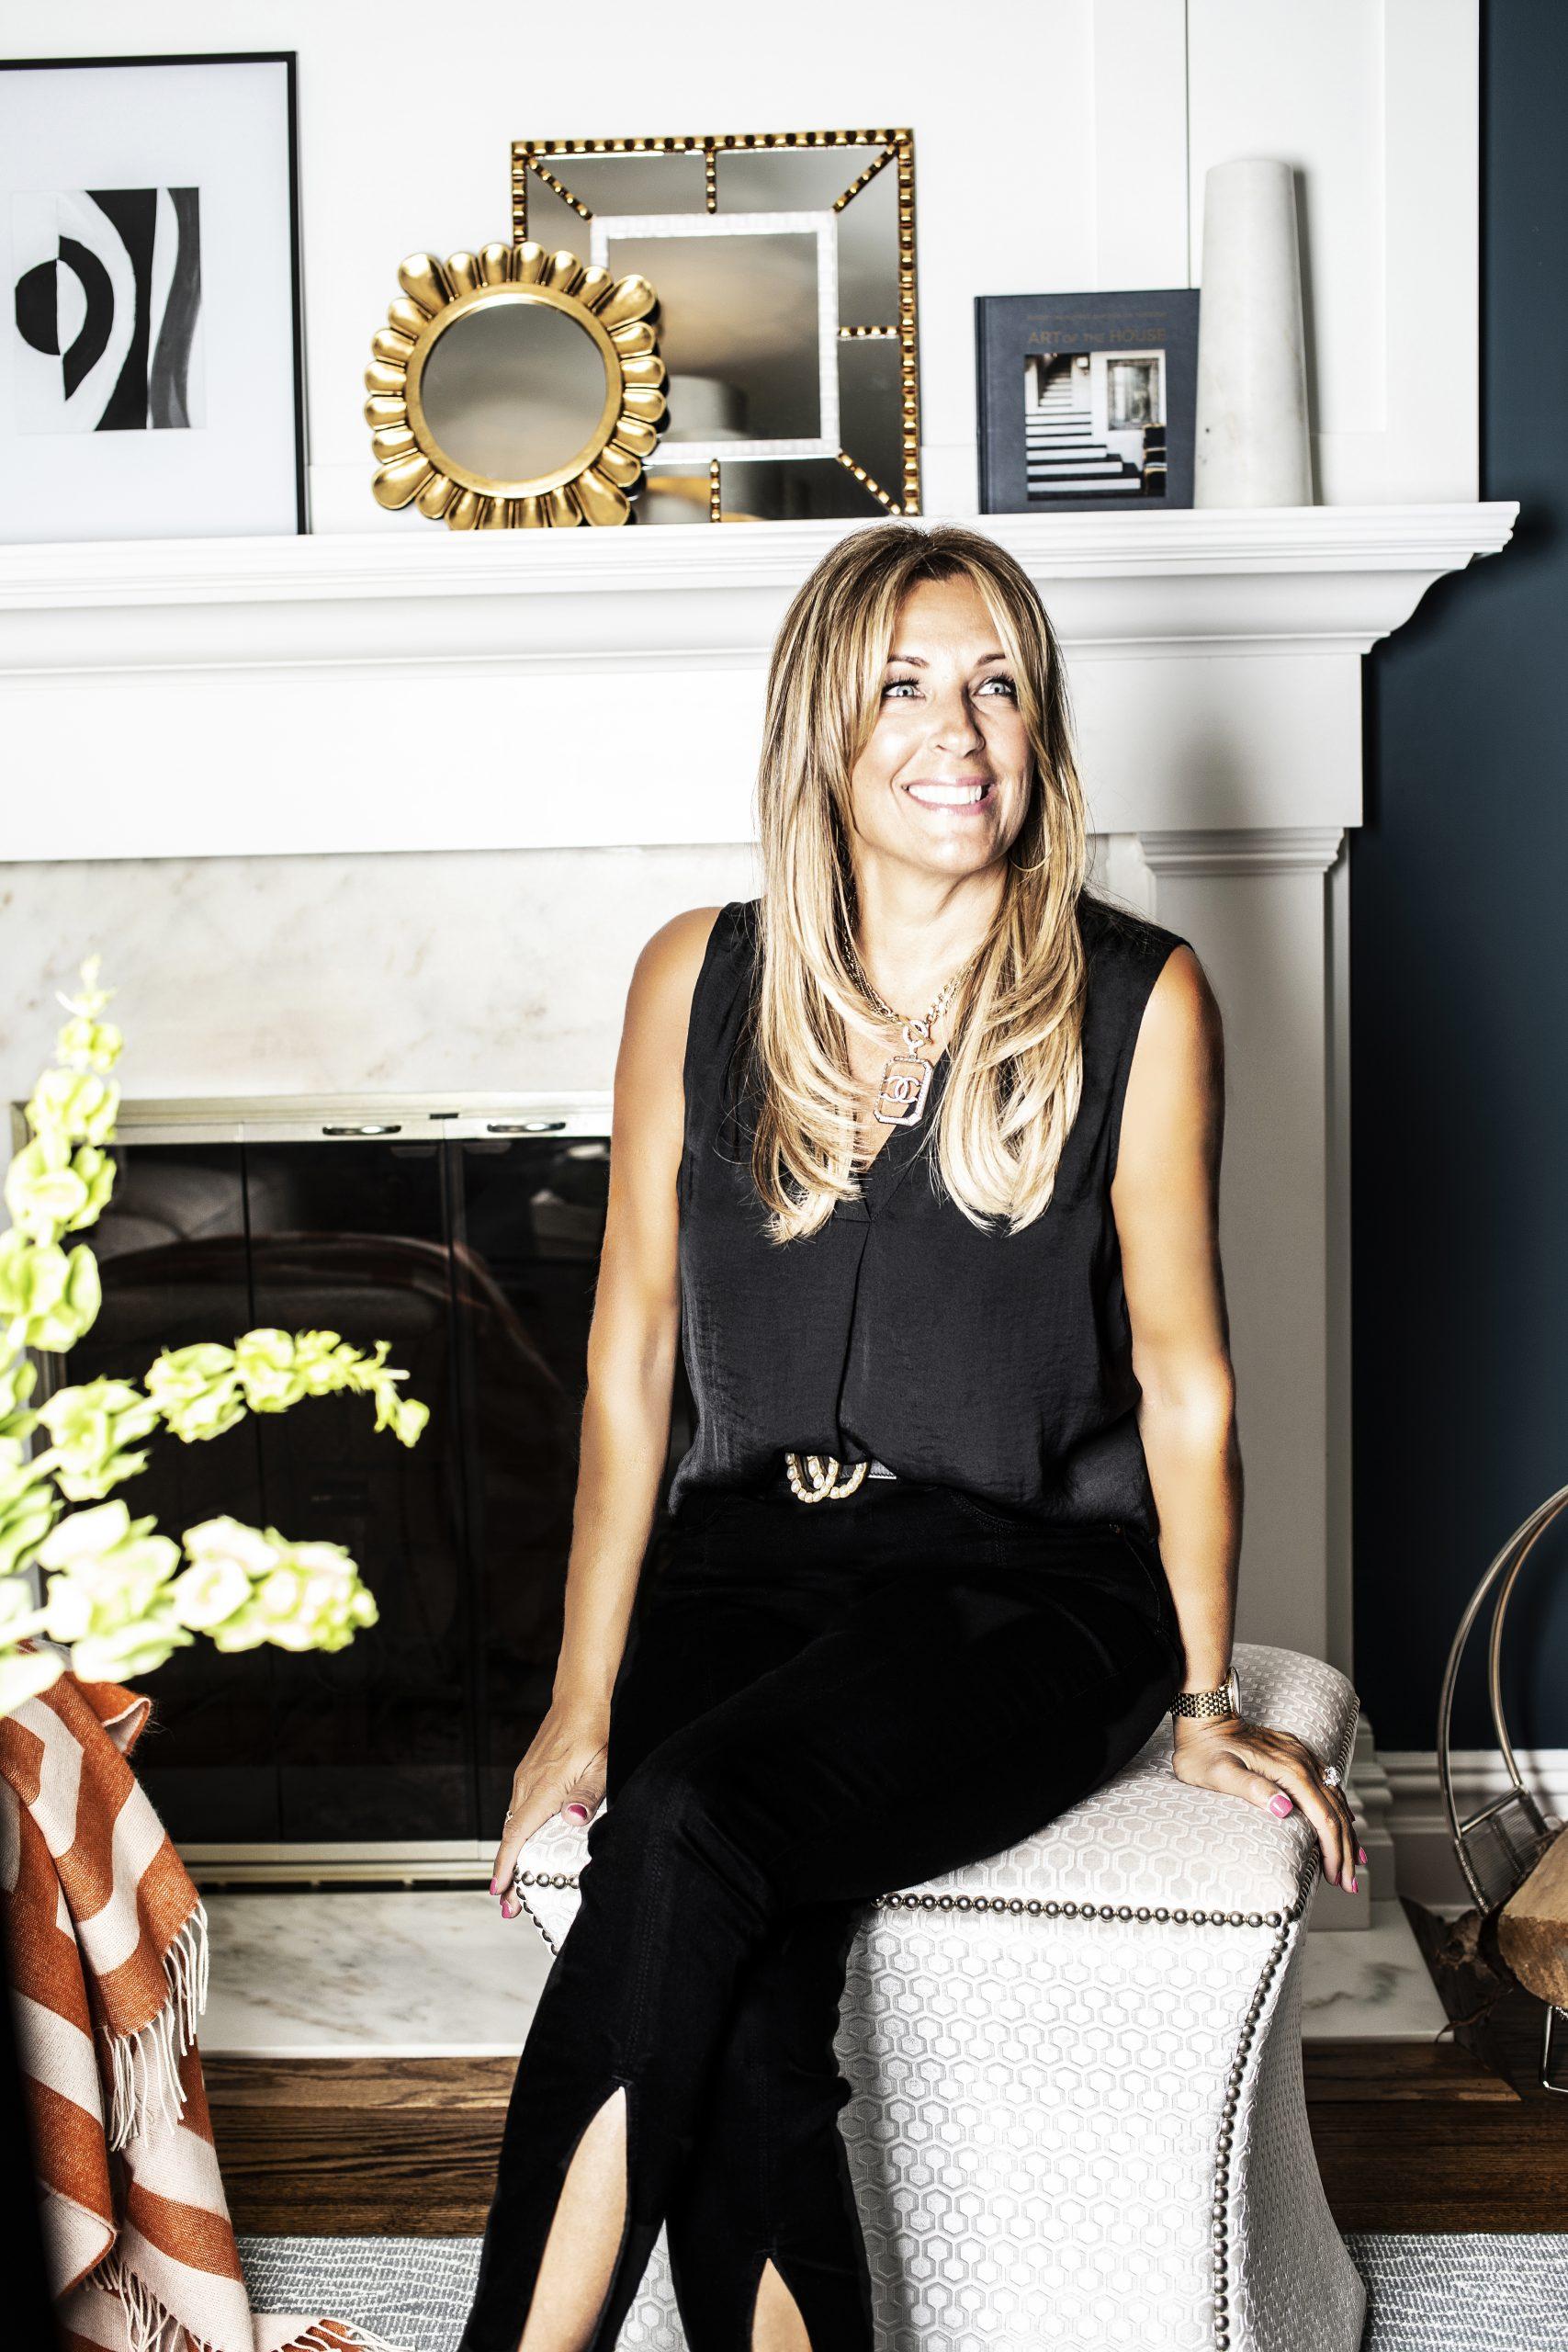 Marlaina Teich, Founder of Marlaina Teich Designs